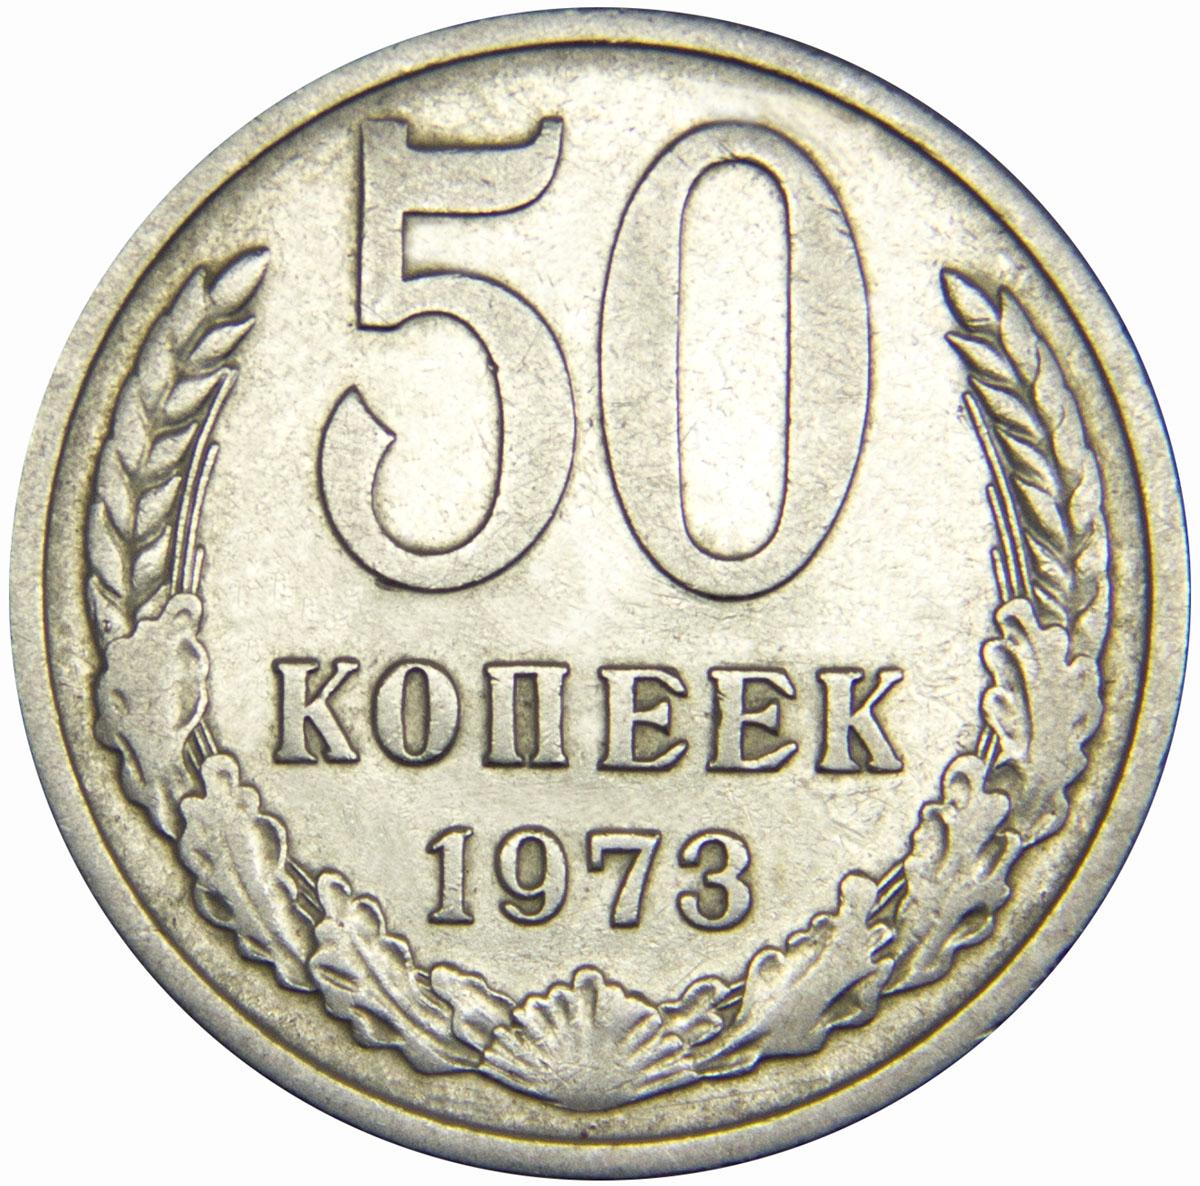 Монета номиналом 50 копеек. Медно-никелевый сплав. Сохранность VF. СССР, 1973 год739Диаметр монеты: 24 мм Вес: 4,4 г. Материал: медь-никель Гурт: надпись